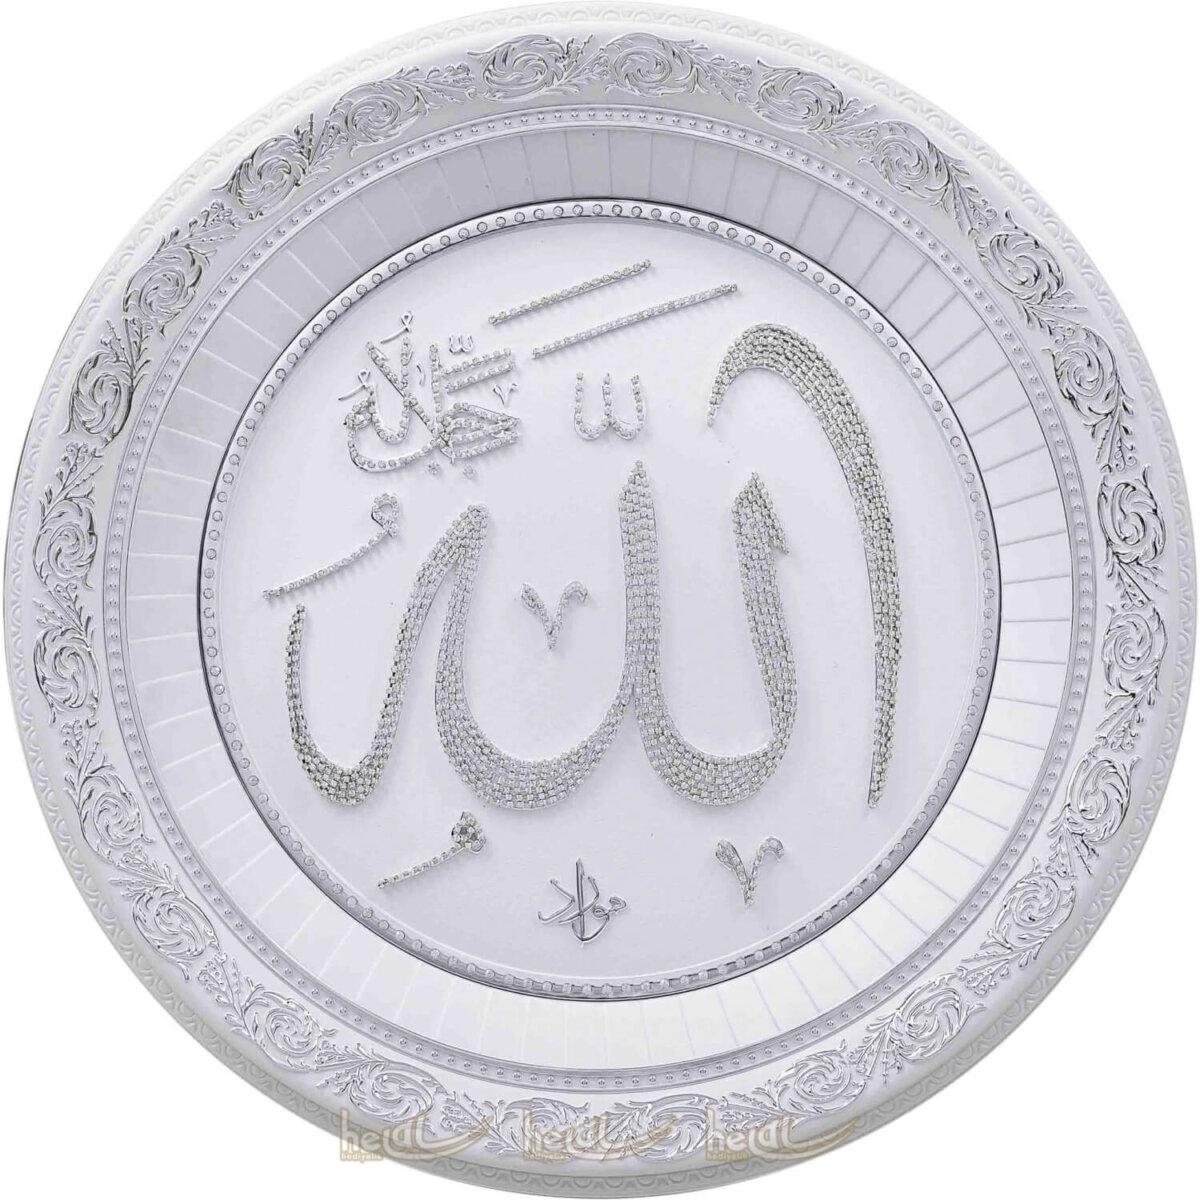 56cm İsmi Celil- Allah Lafzı Kristal Svarovski Taşlı Yuvarlak Çerçeve Tablo Ayetli Tablolar